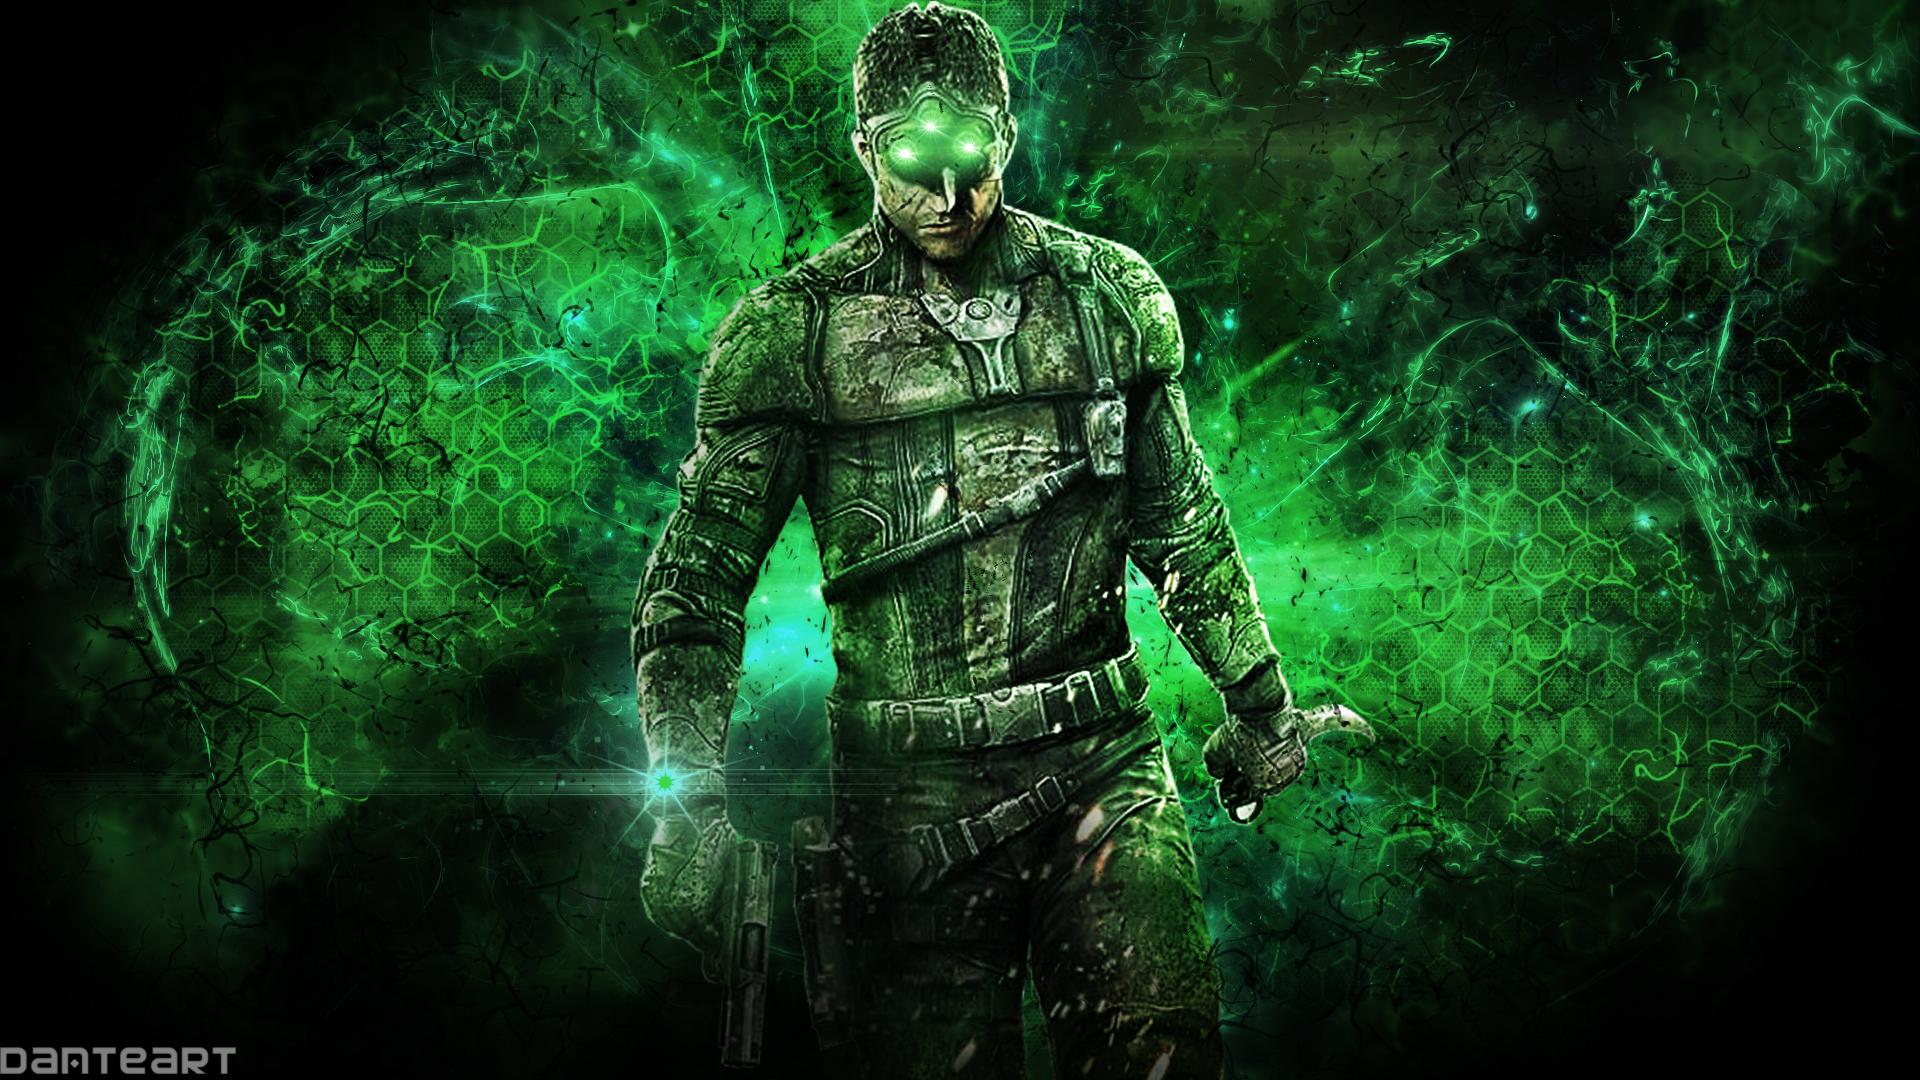 Splinter Cell Blacklist Wallpaper by DanteArtWallpapers on ...